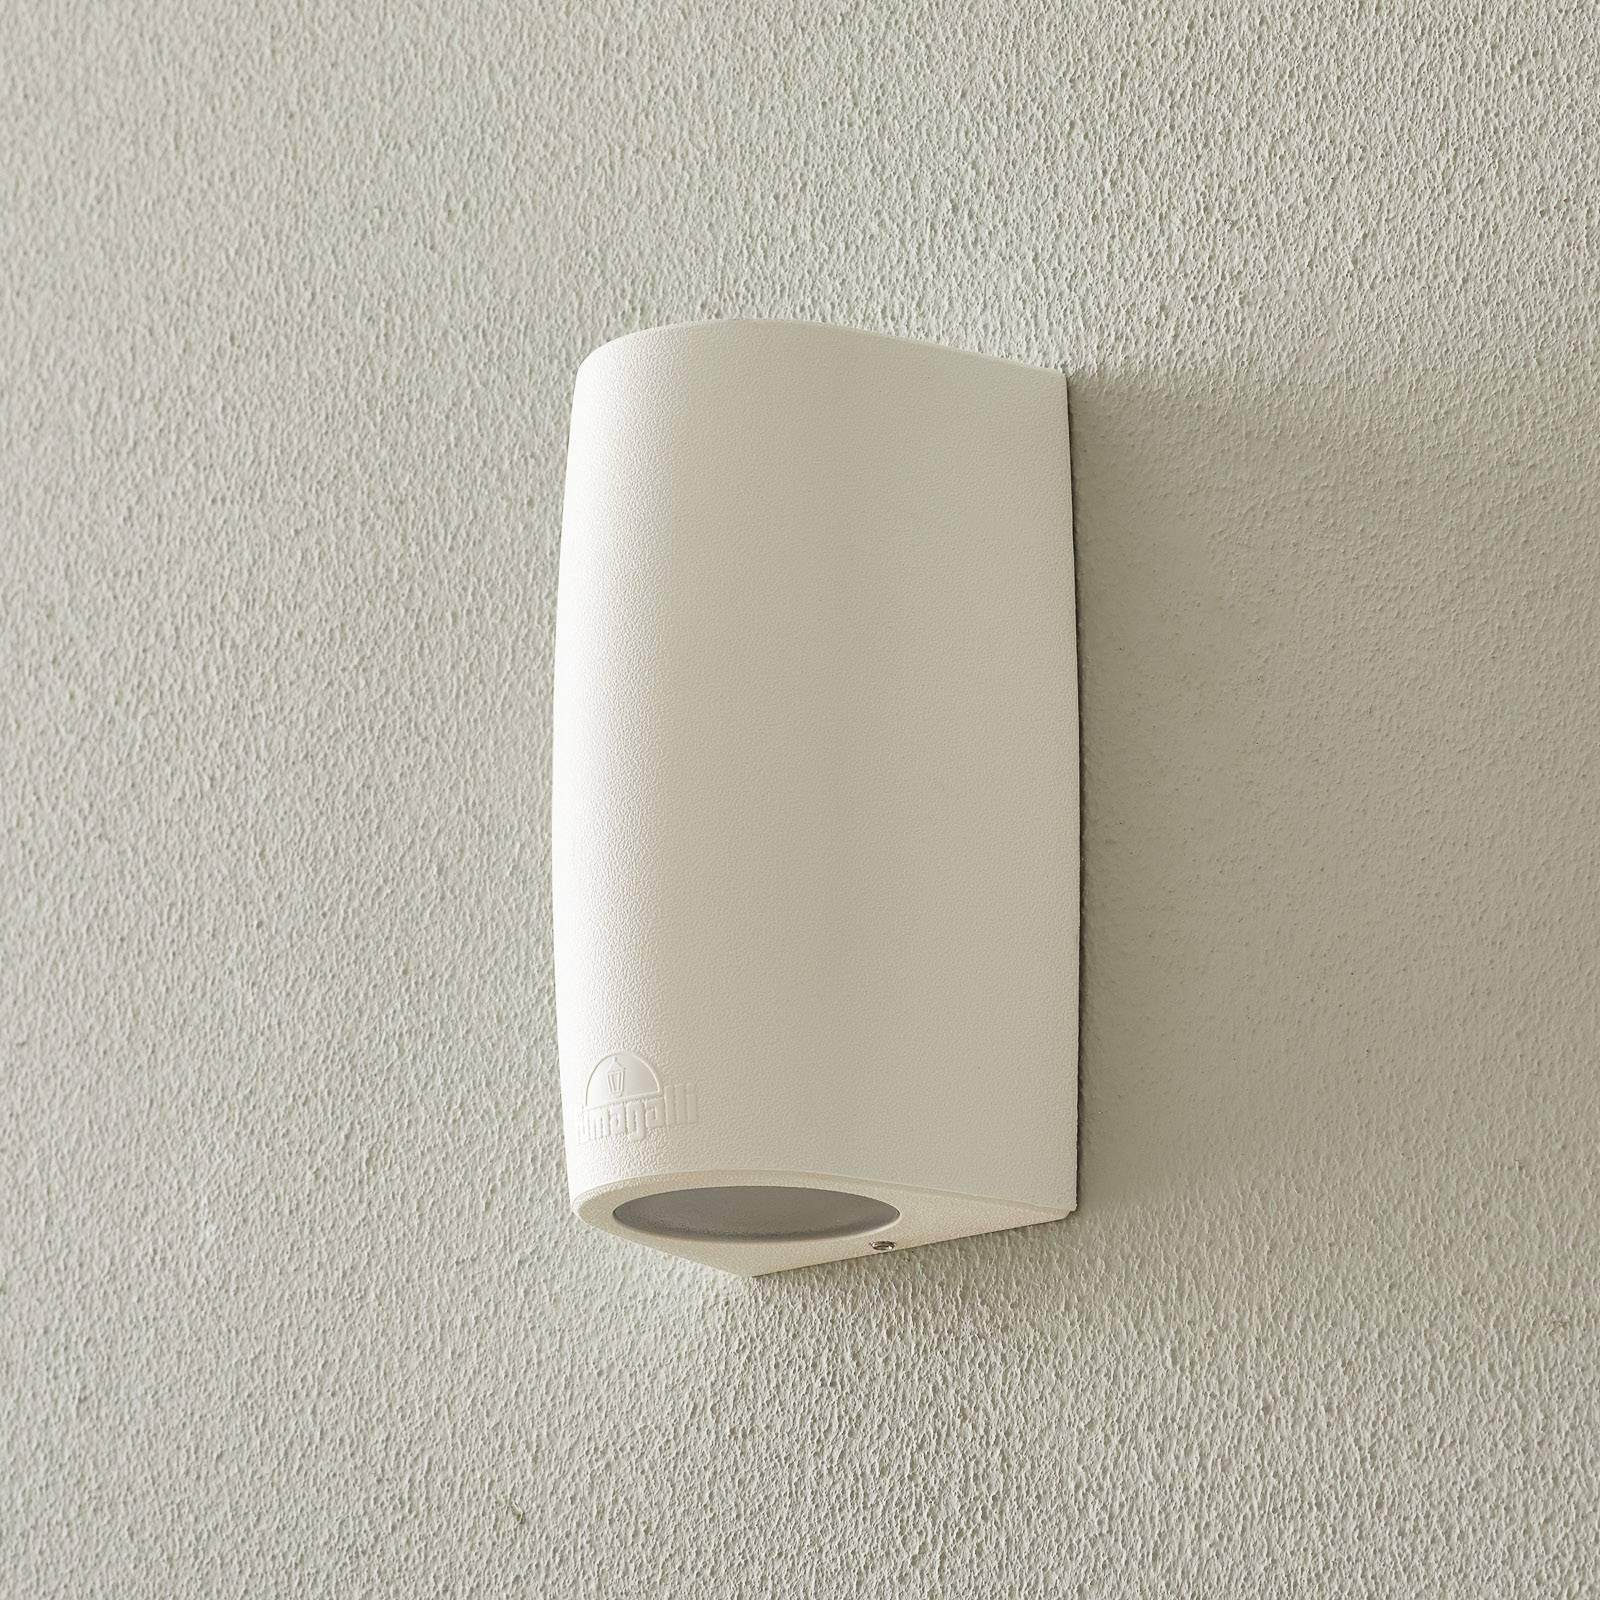 Marta-seinälamppu 9,2 cm 1-lamp. valkoinen/frosted